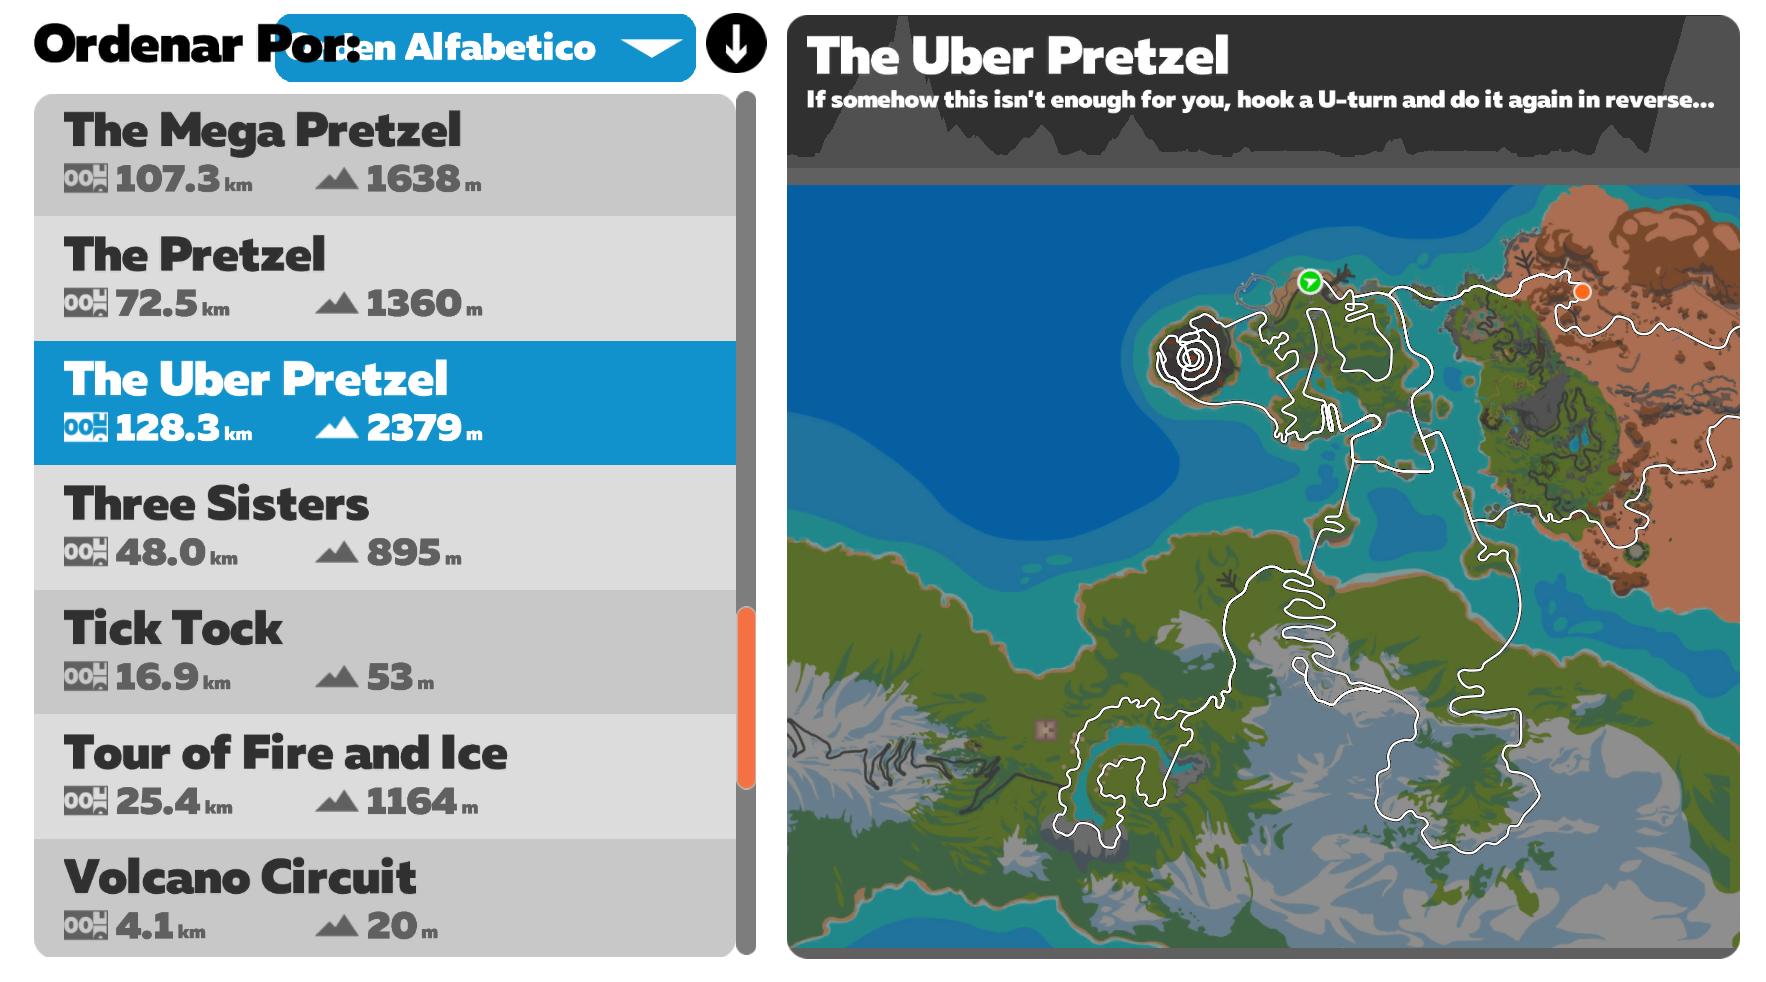 Ruta Zwift The Uber Pretzel